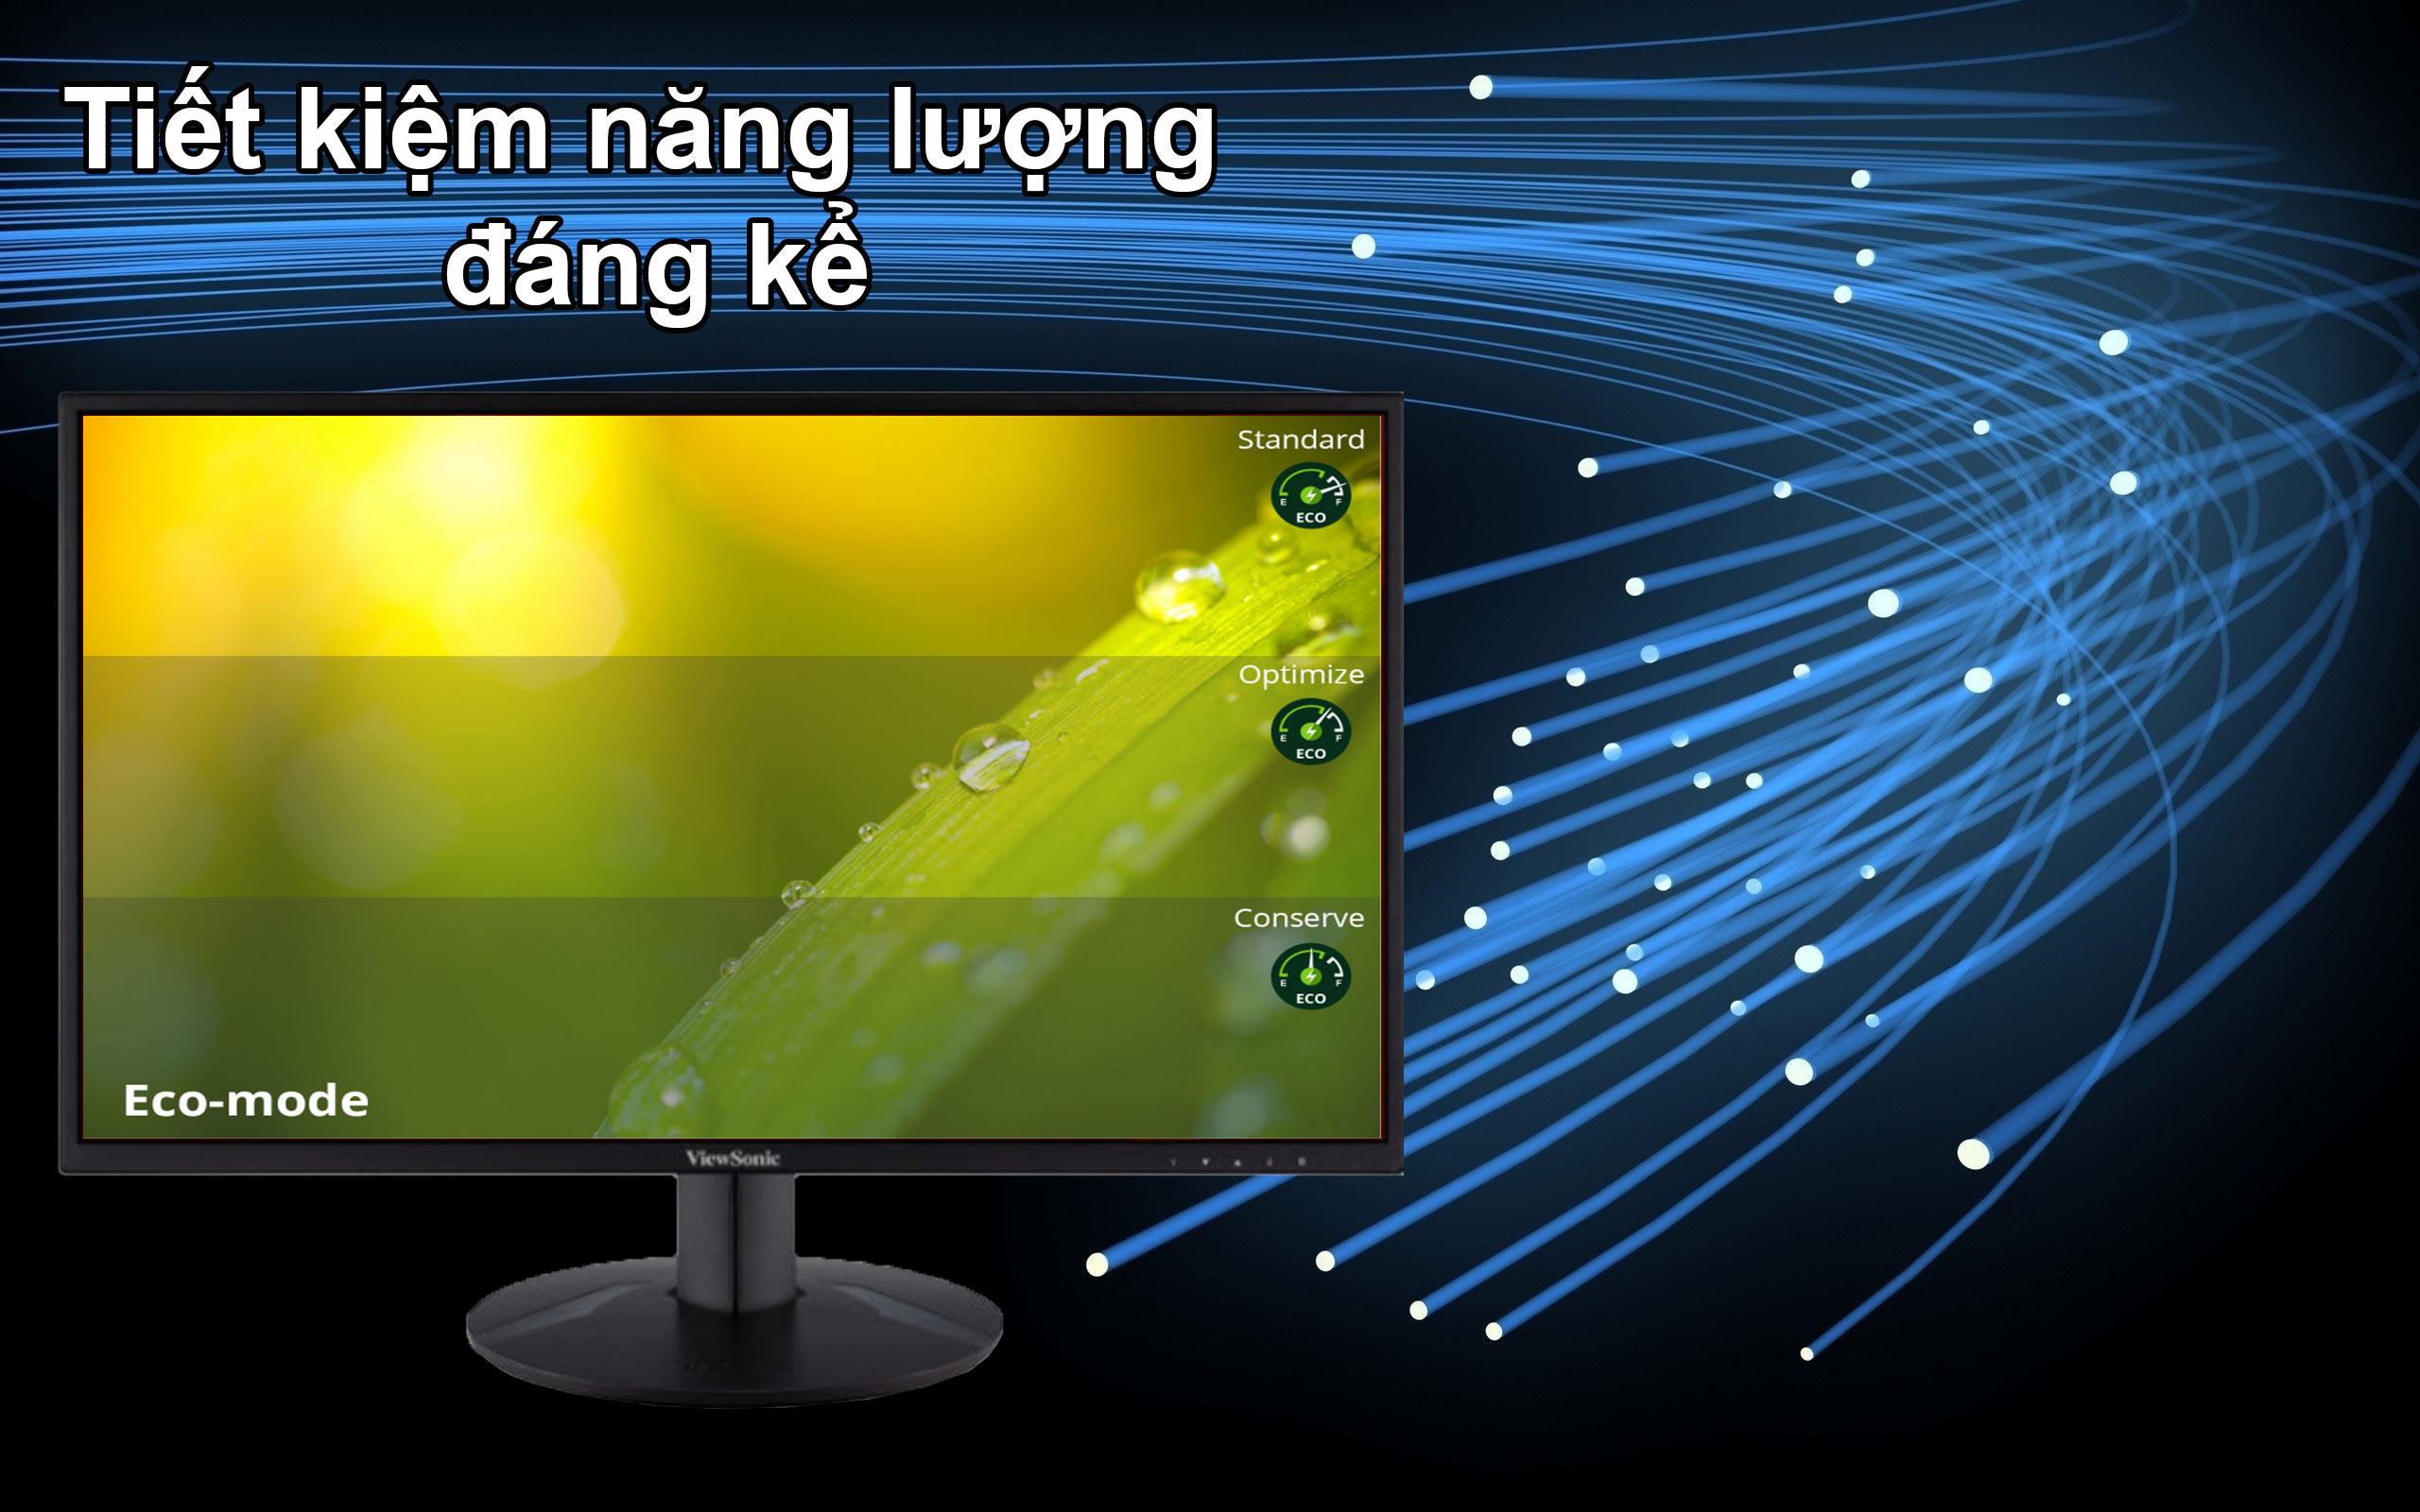 Màn hình LCD 24 inch ViewSonic VA2418-SH   Tiết kiệm điện năng đáng kể